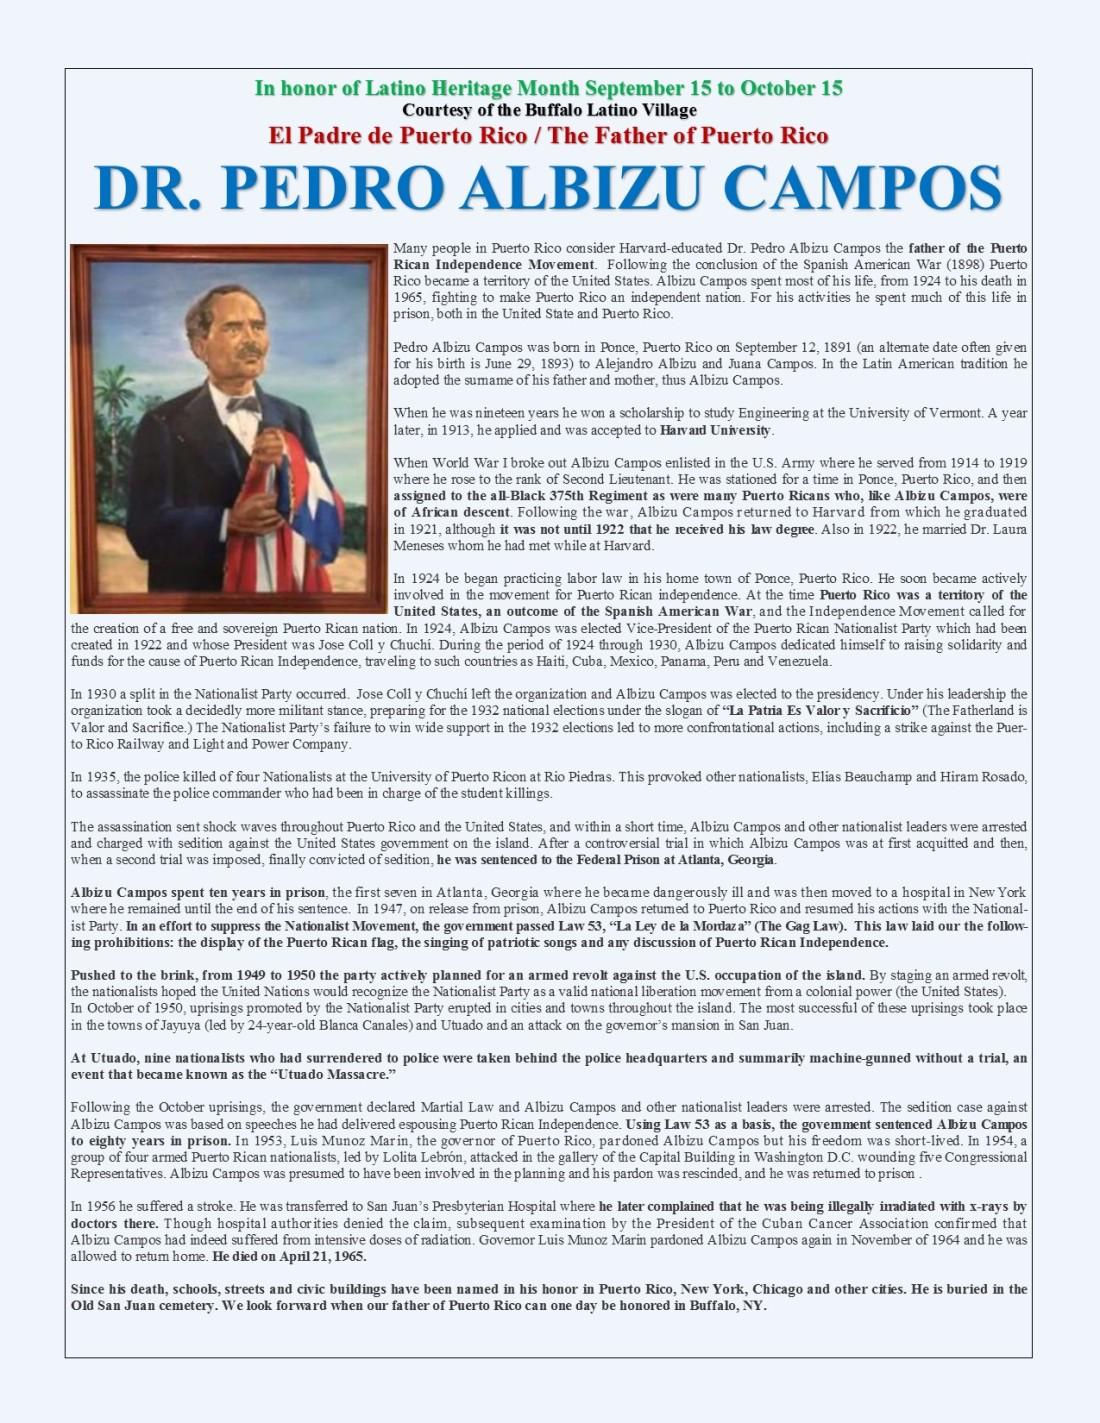 Dr Pedro Albizu Campos